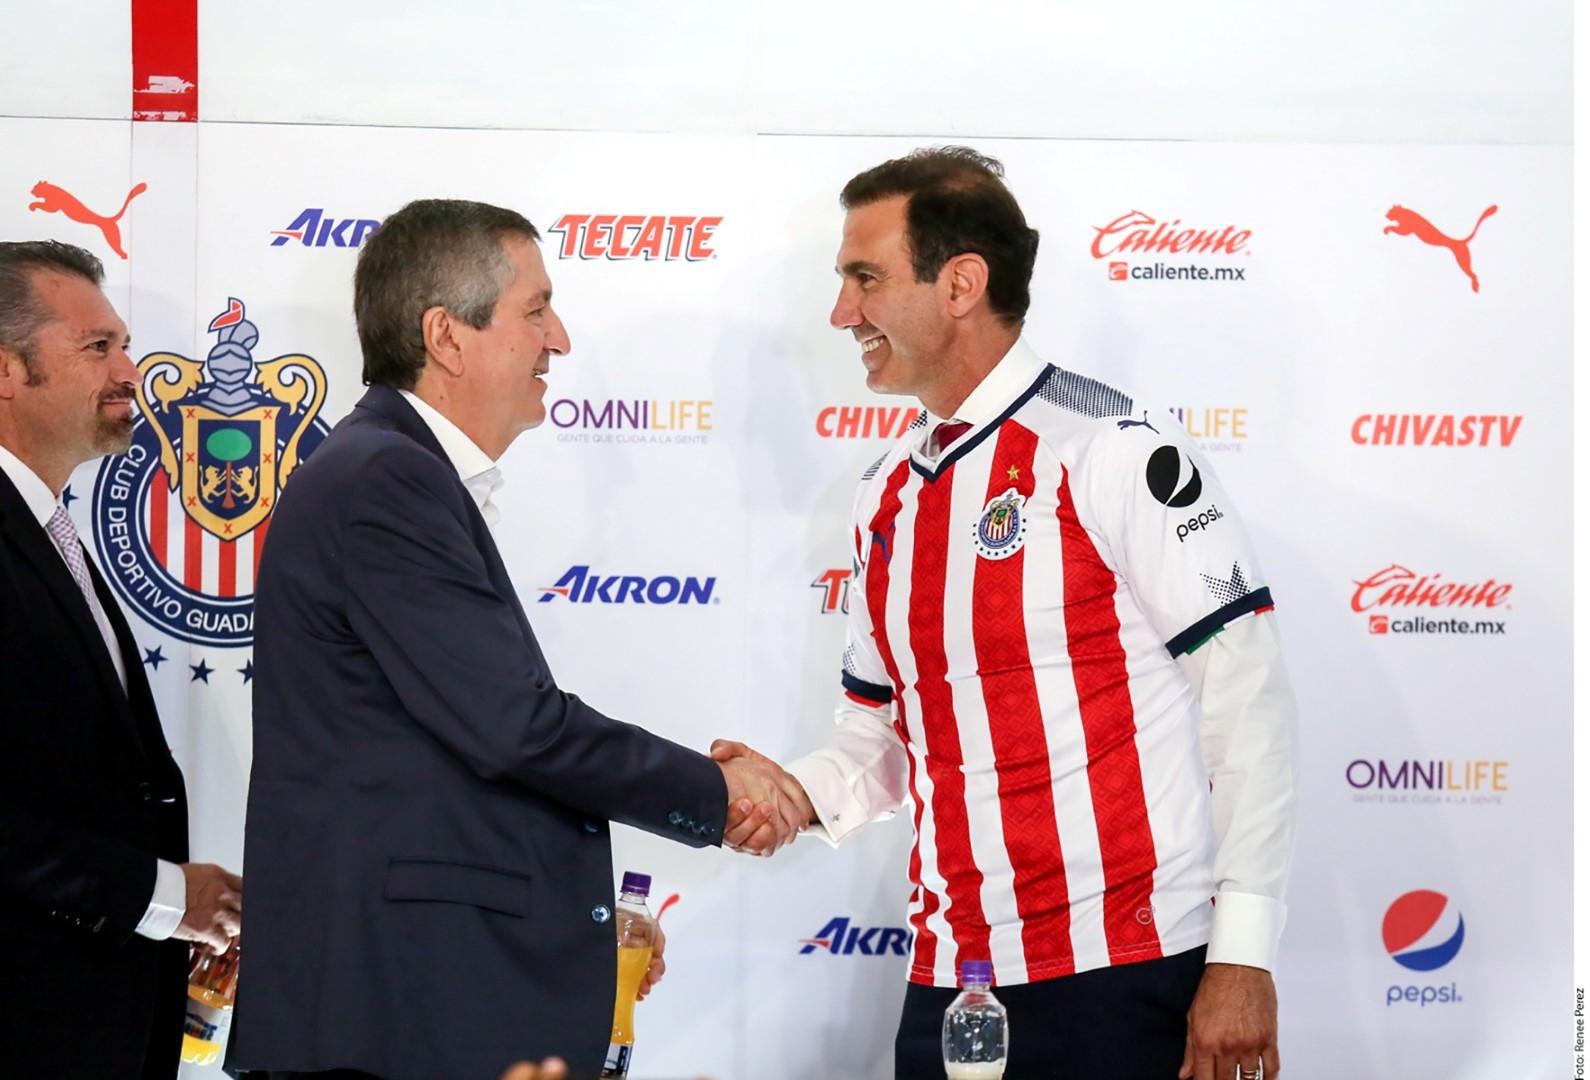 Chivas Refuerzos Apertura 2018 Draft Aquino Torres Nilo